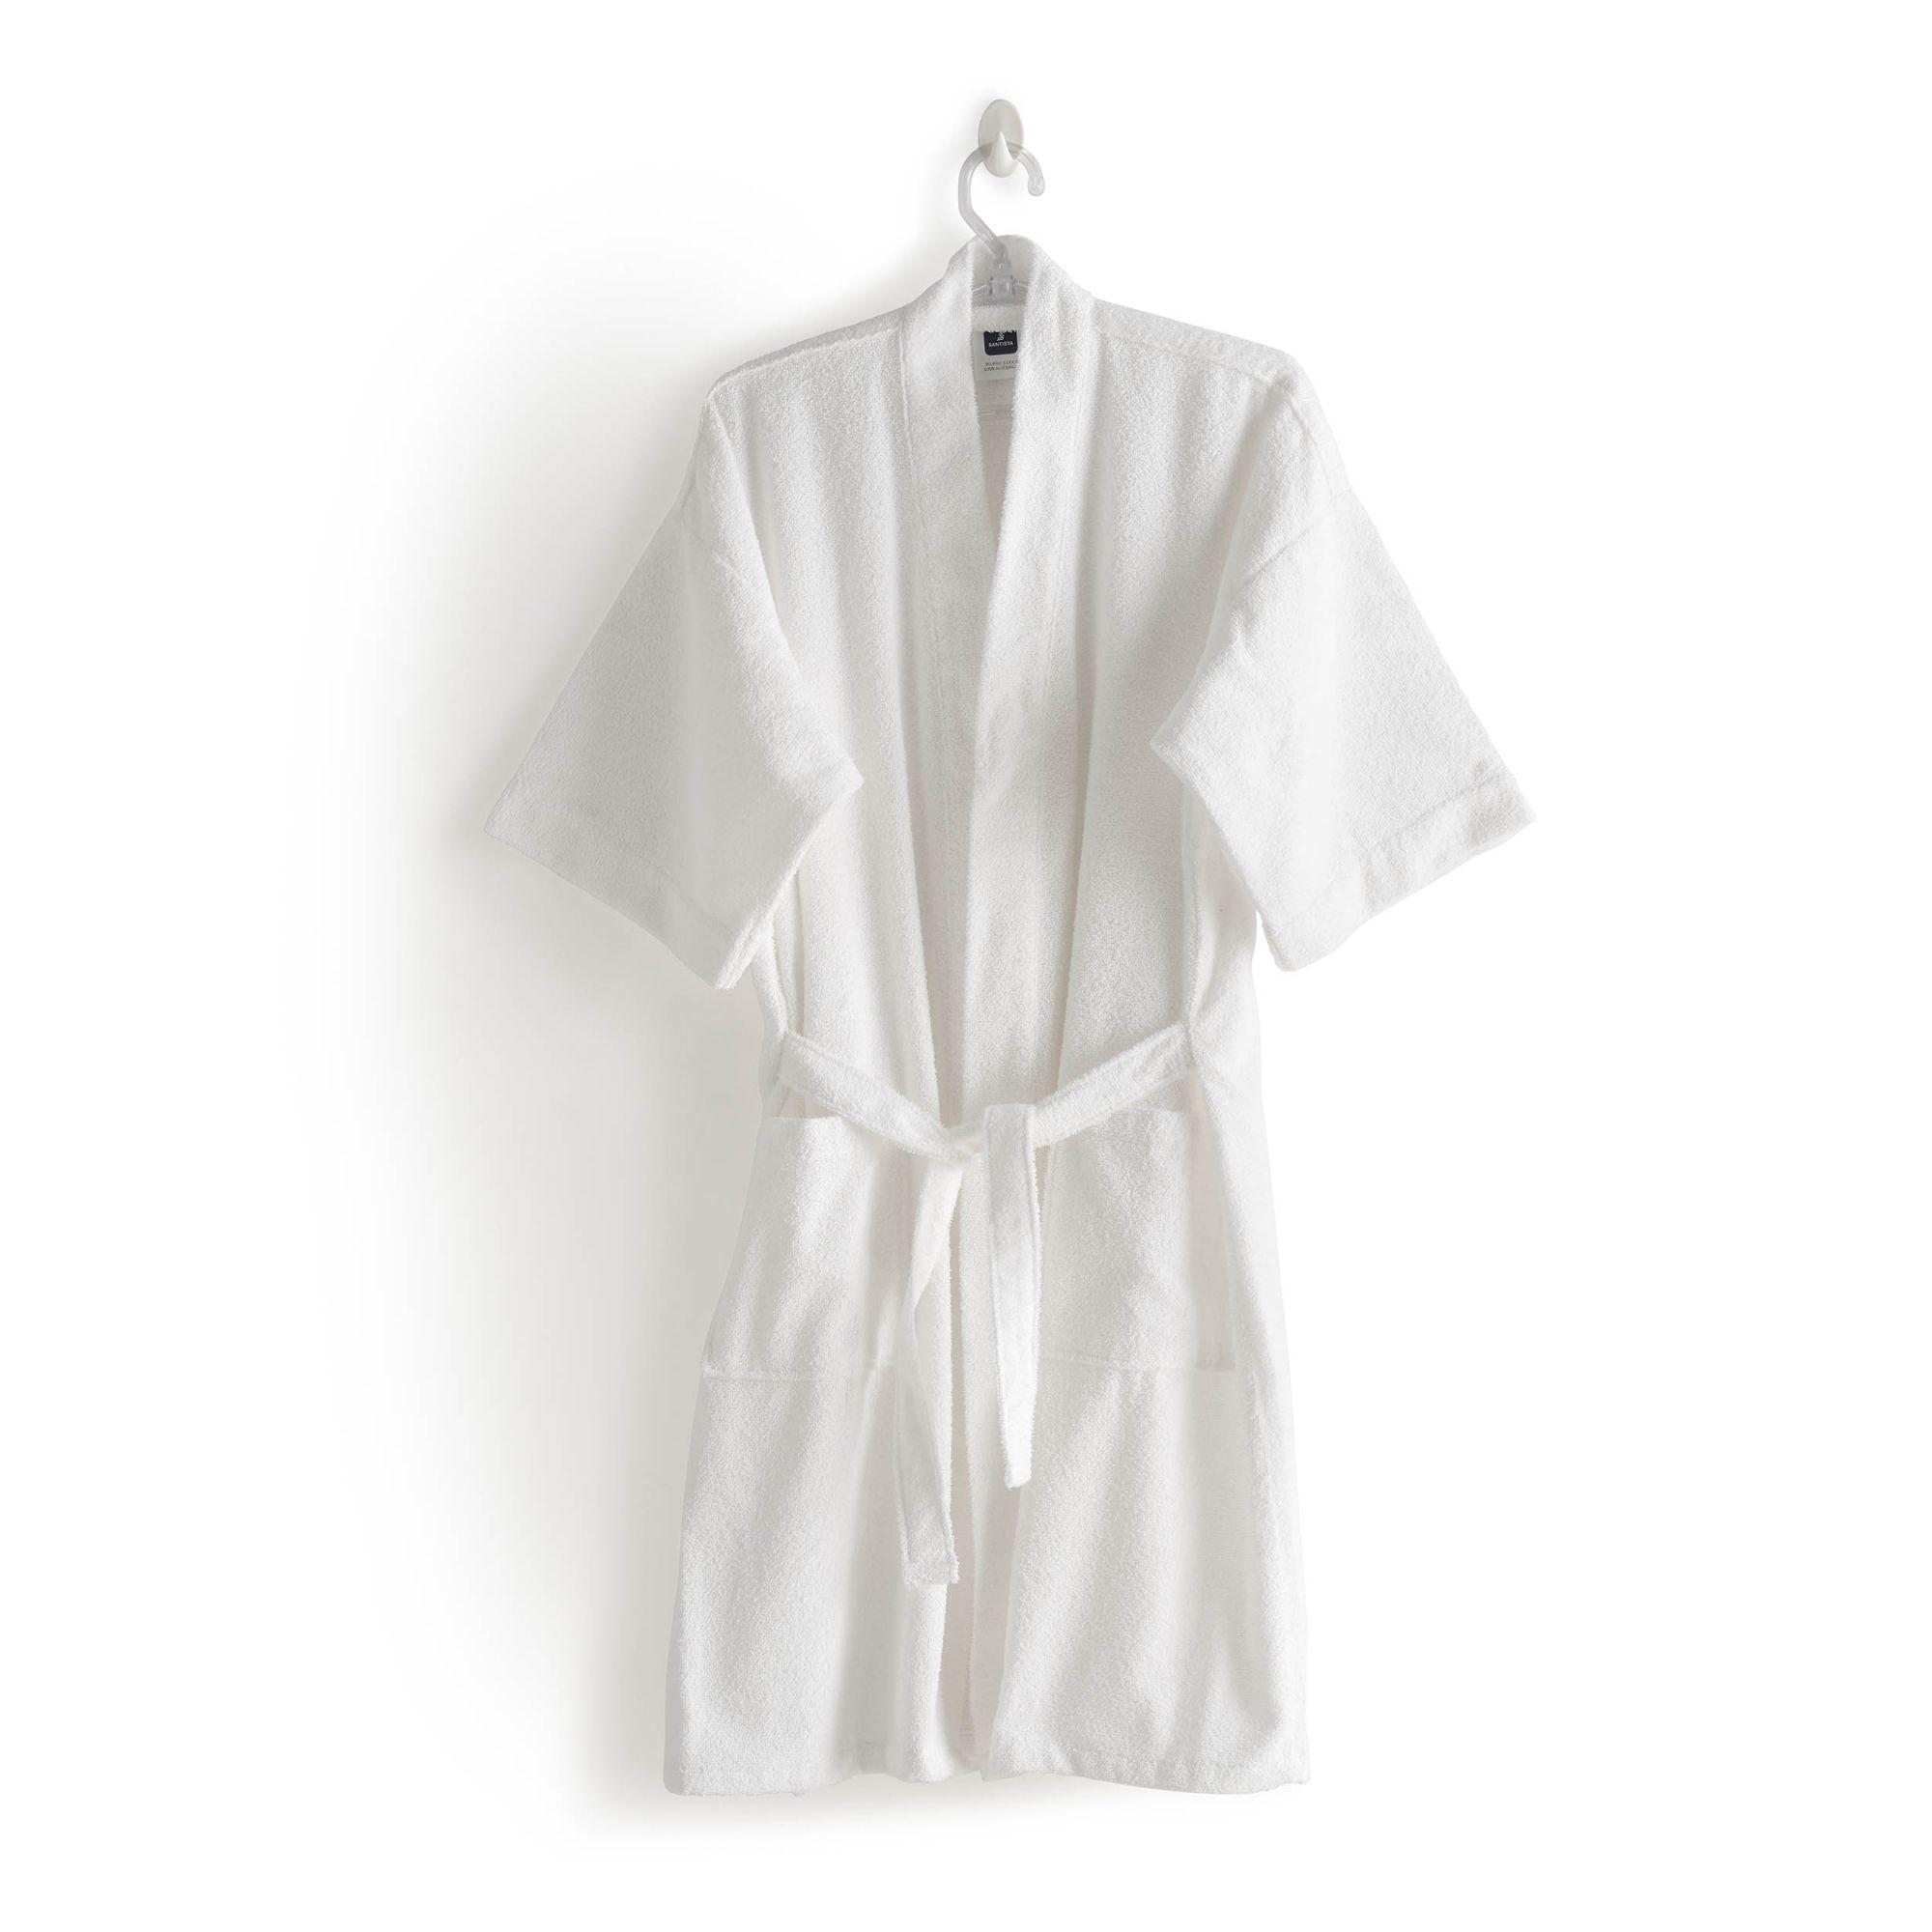 Roupão felpudo judoca branco santista grande 100% algodao